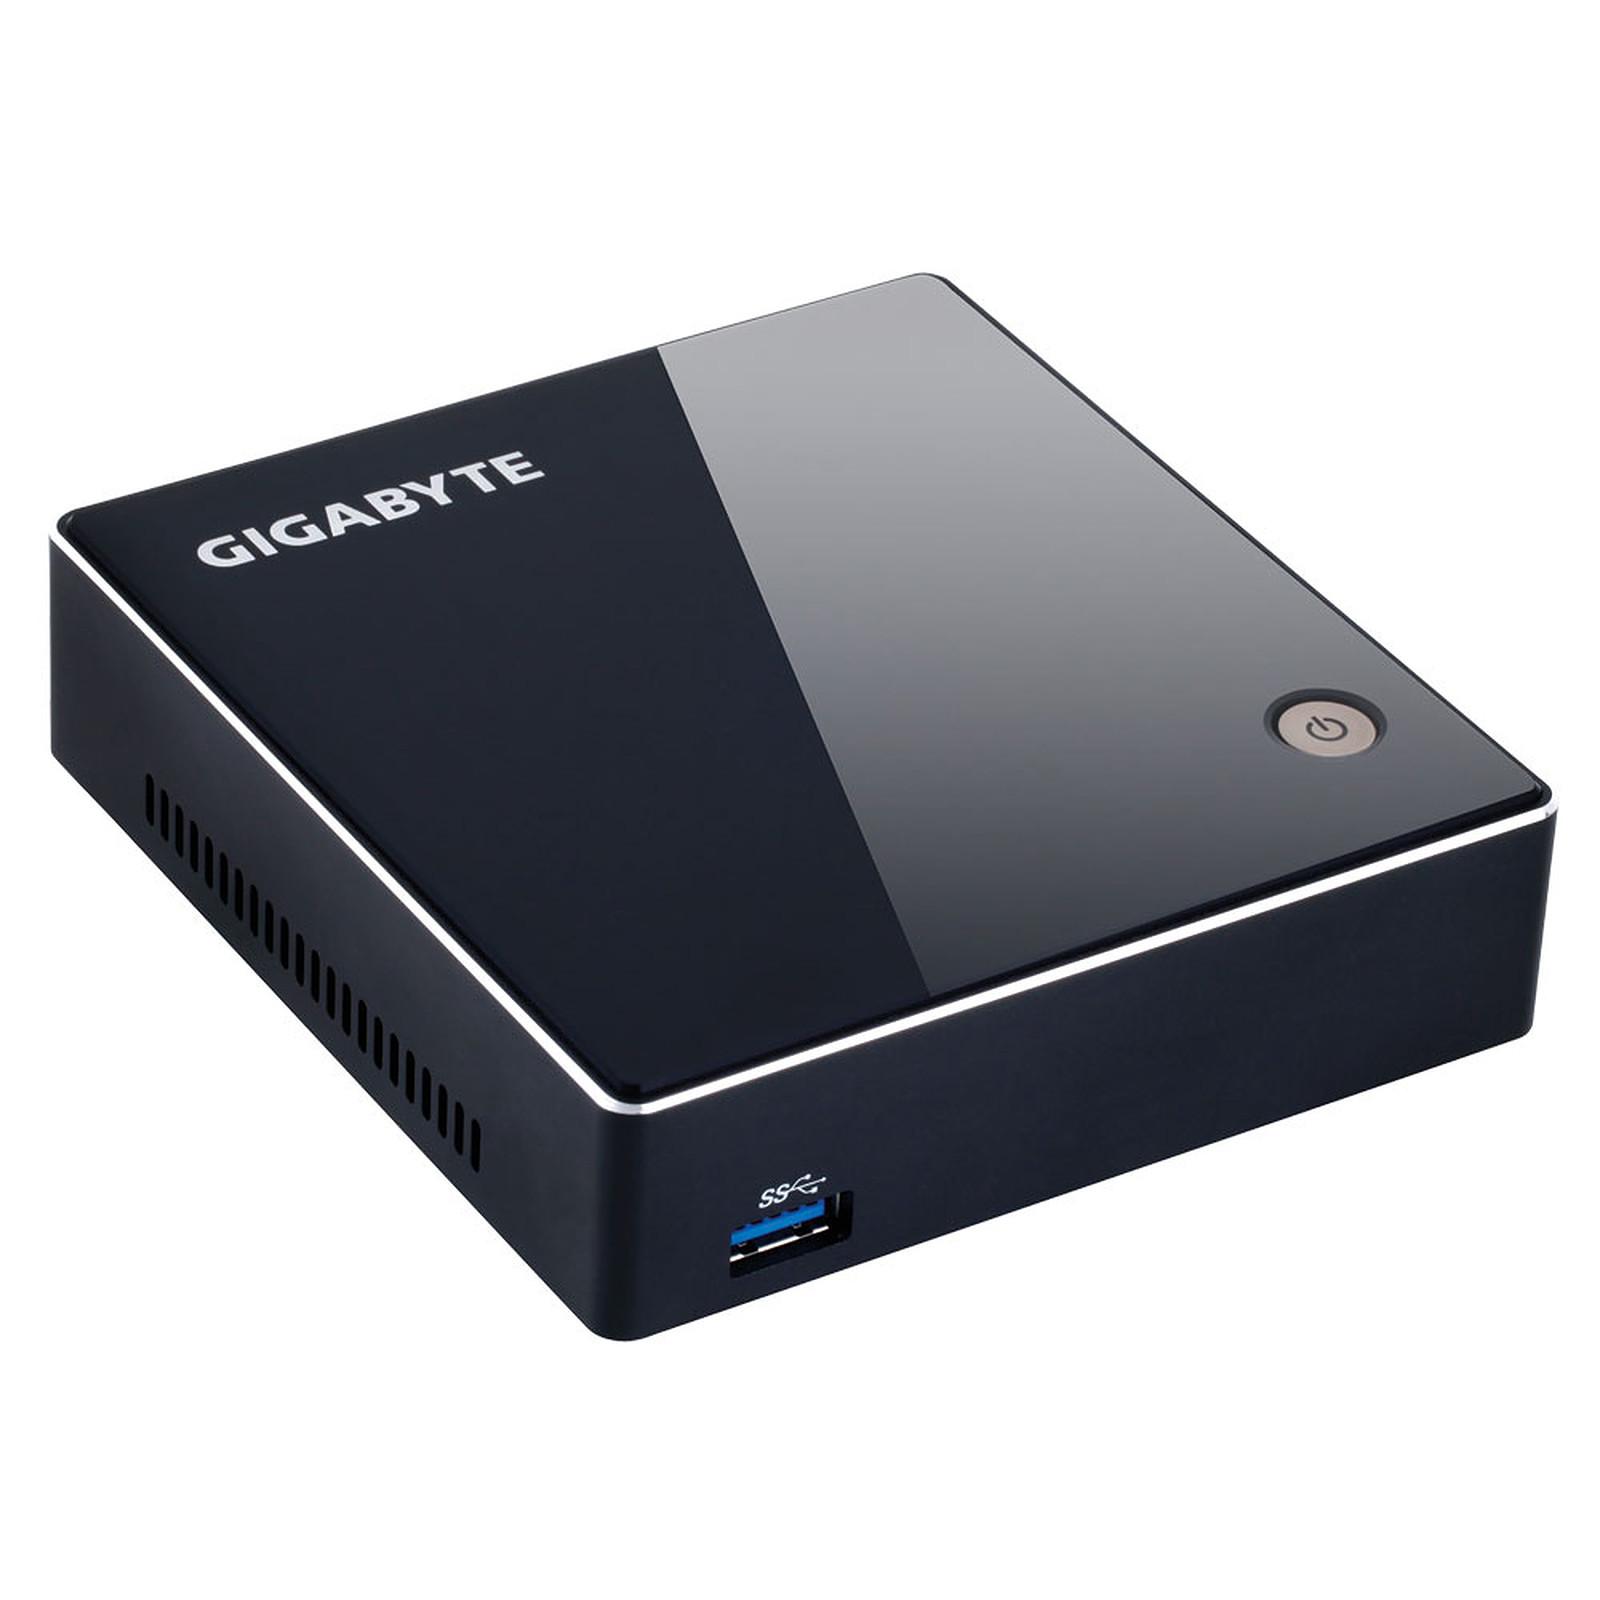 Gigabyte Brix GB-XM11-3337